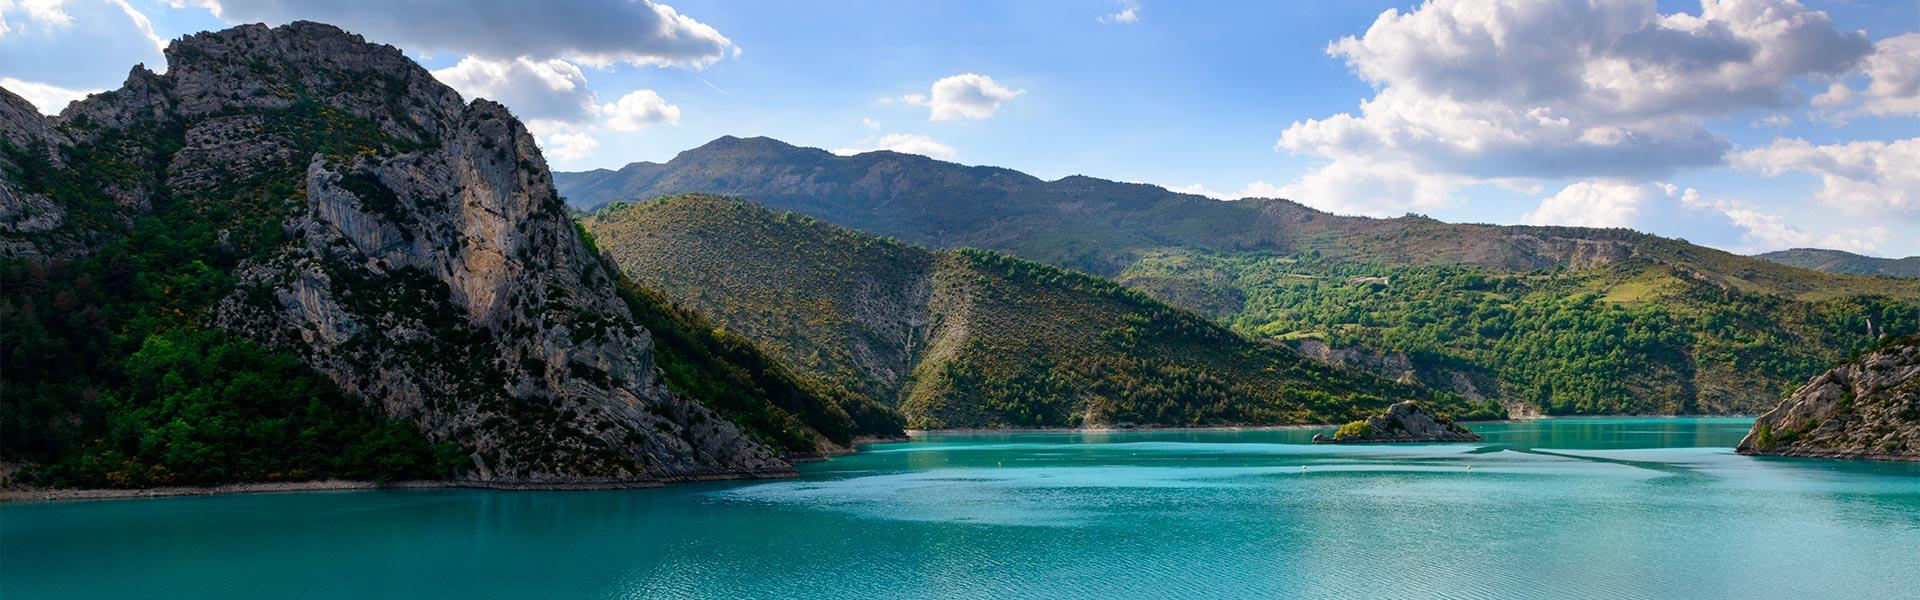 Castillon lake